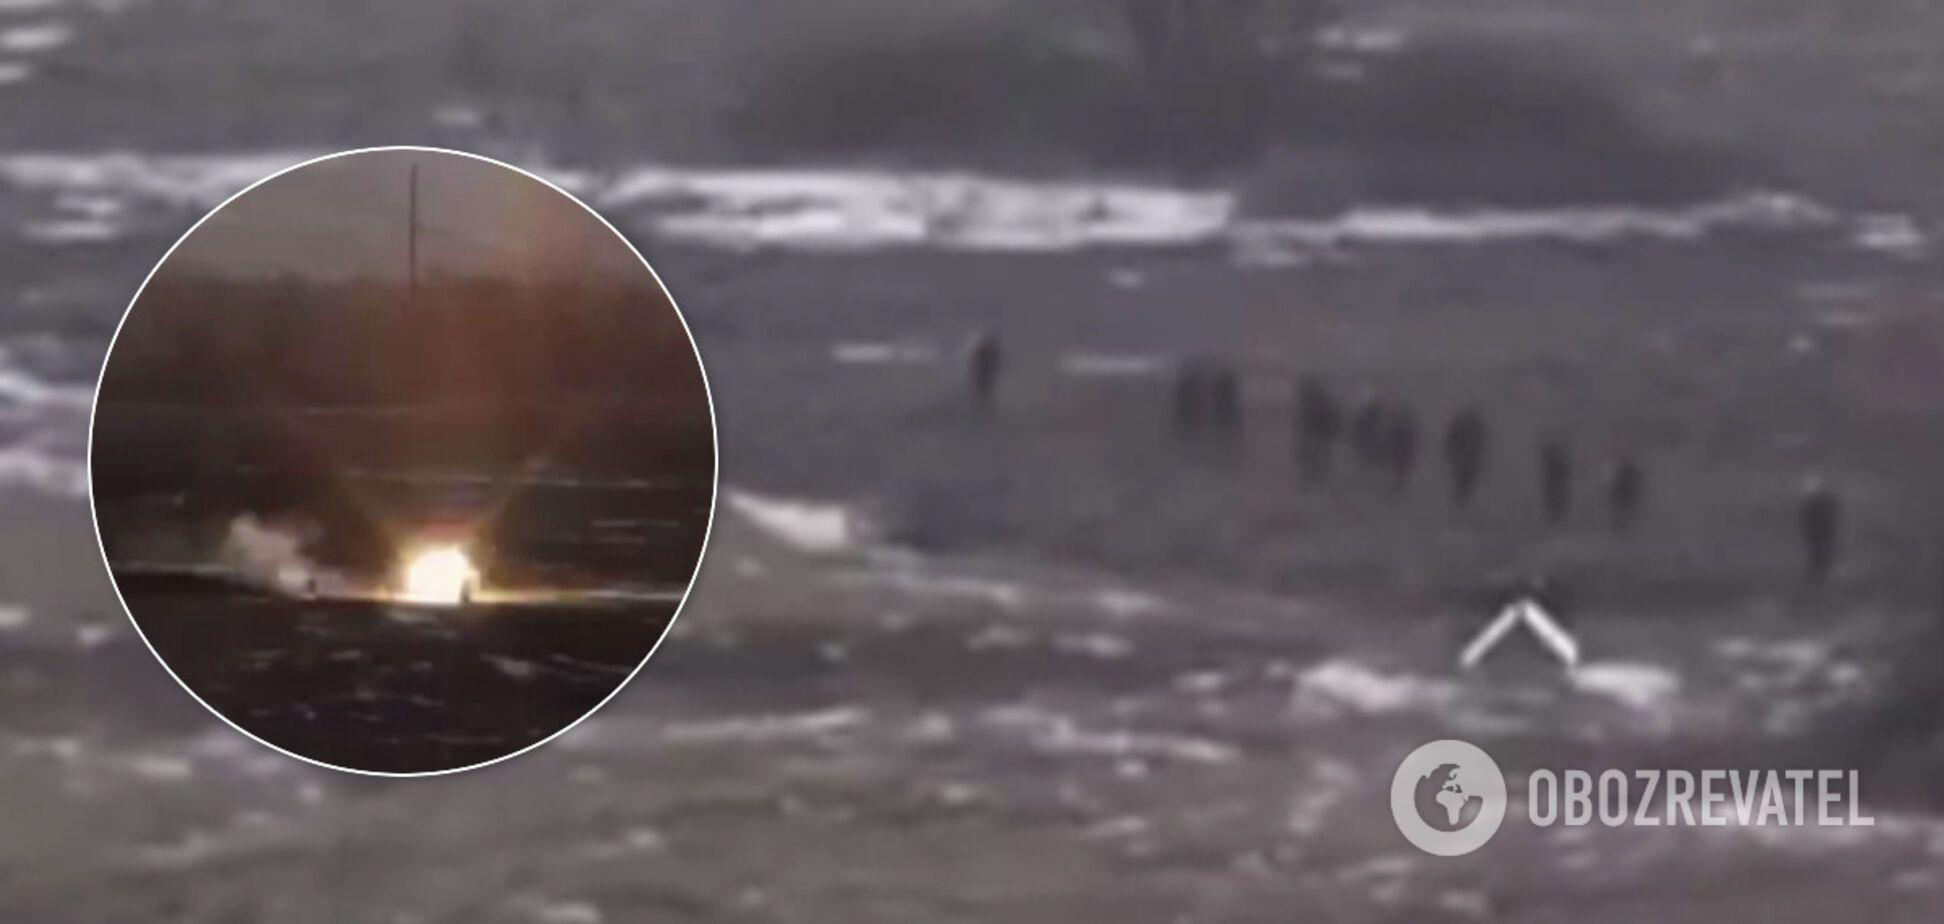 Появилось видео подлой атаки войск Путина на ВСУ под Золотым